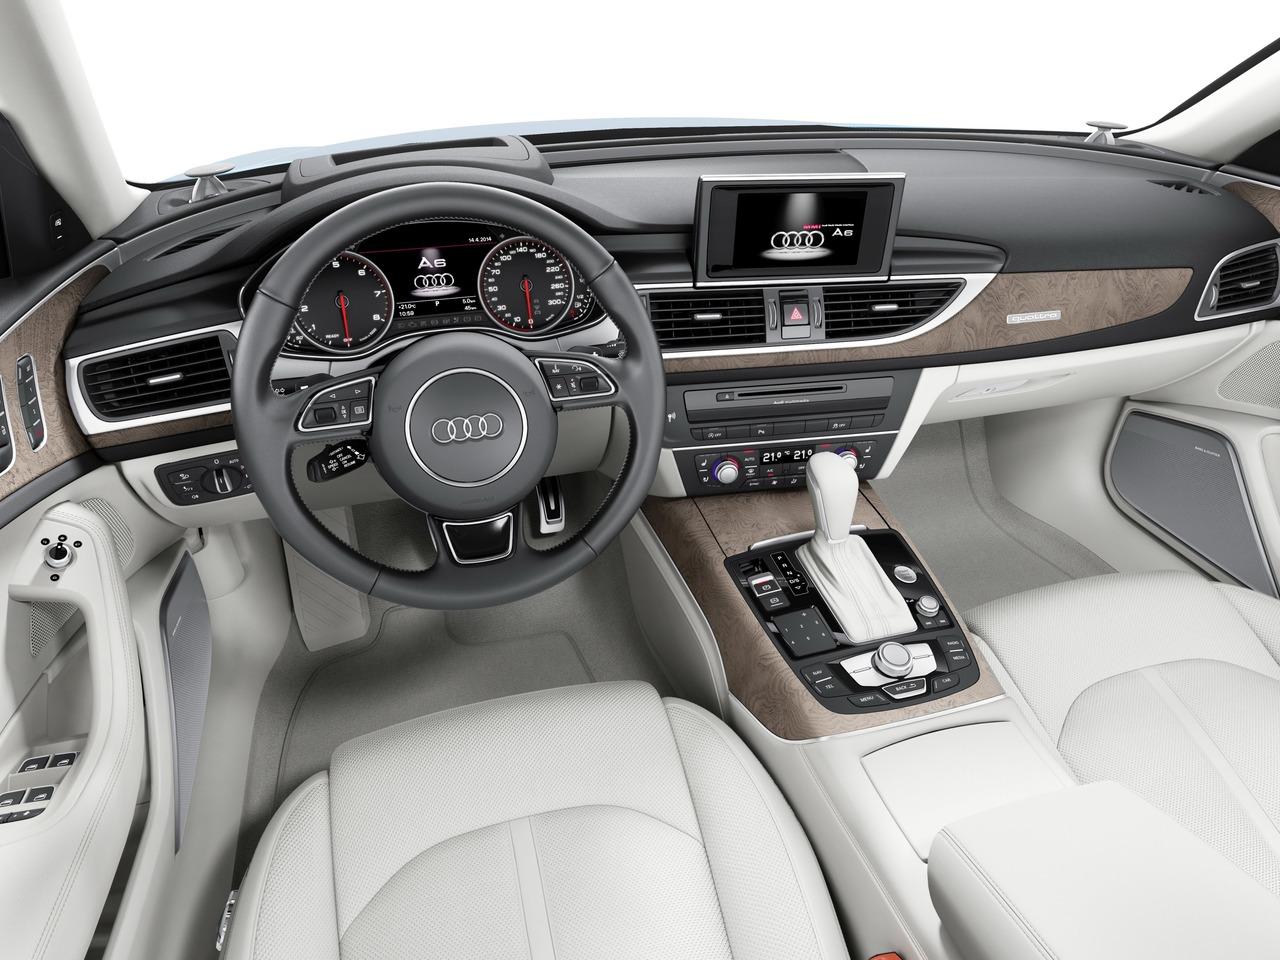 Снимки: Audi A6 (4G C7) Facelift 2014